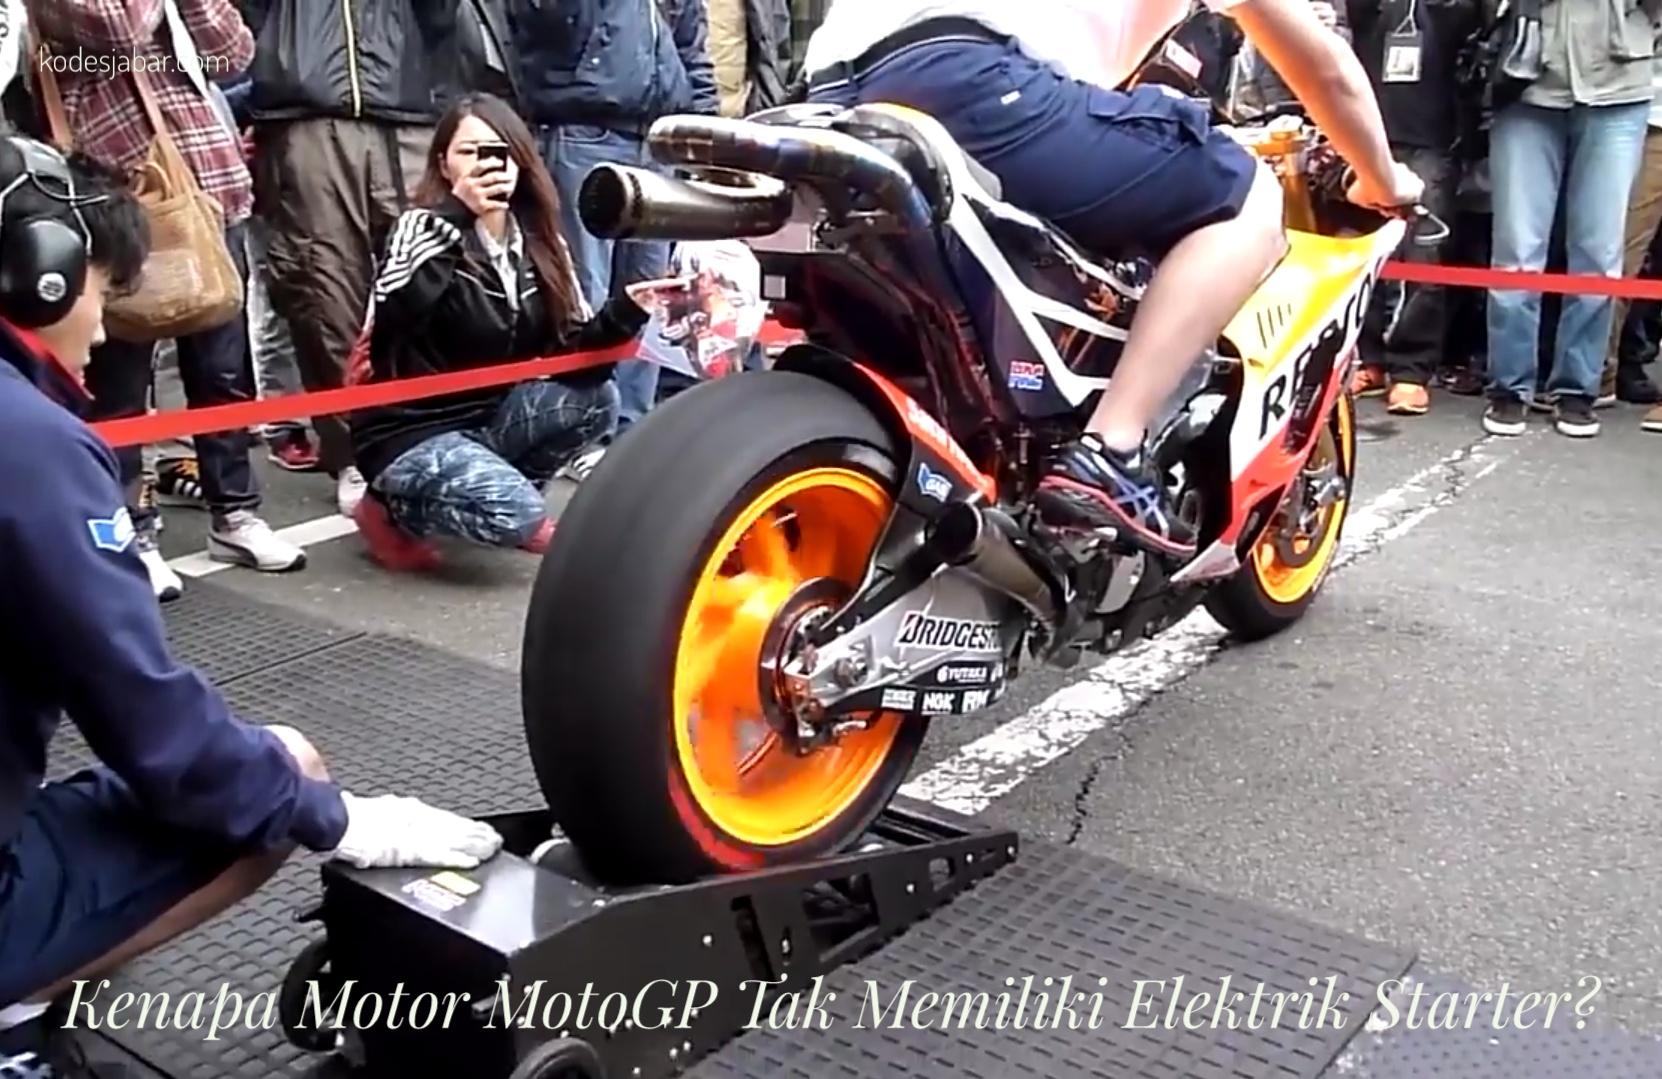 Kenapa Motor MotoGP Tak Memiliki Elektrik Starter?